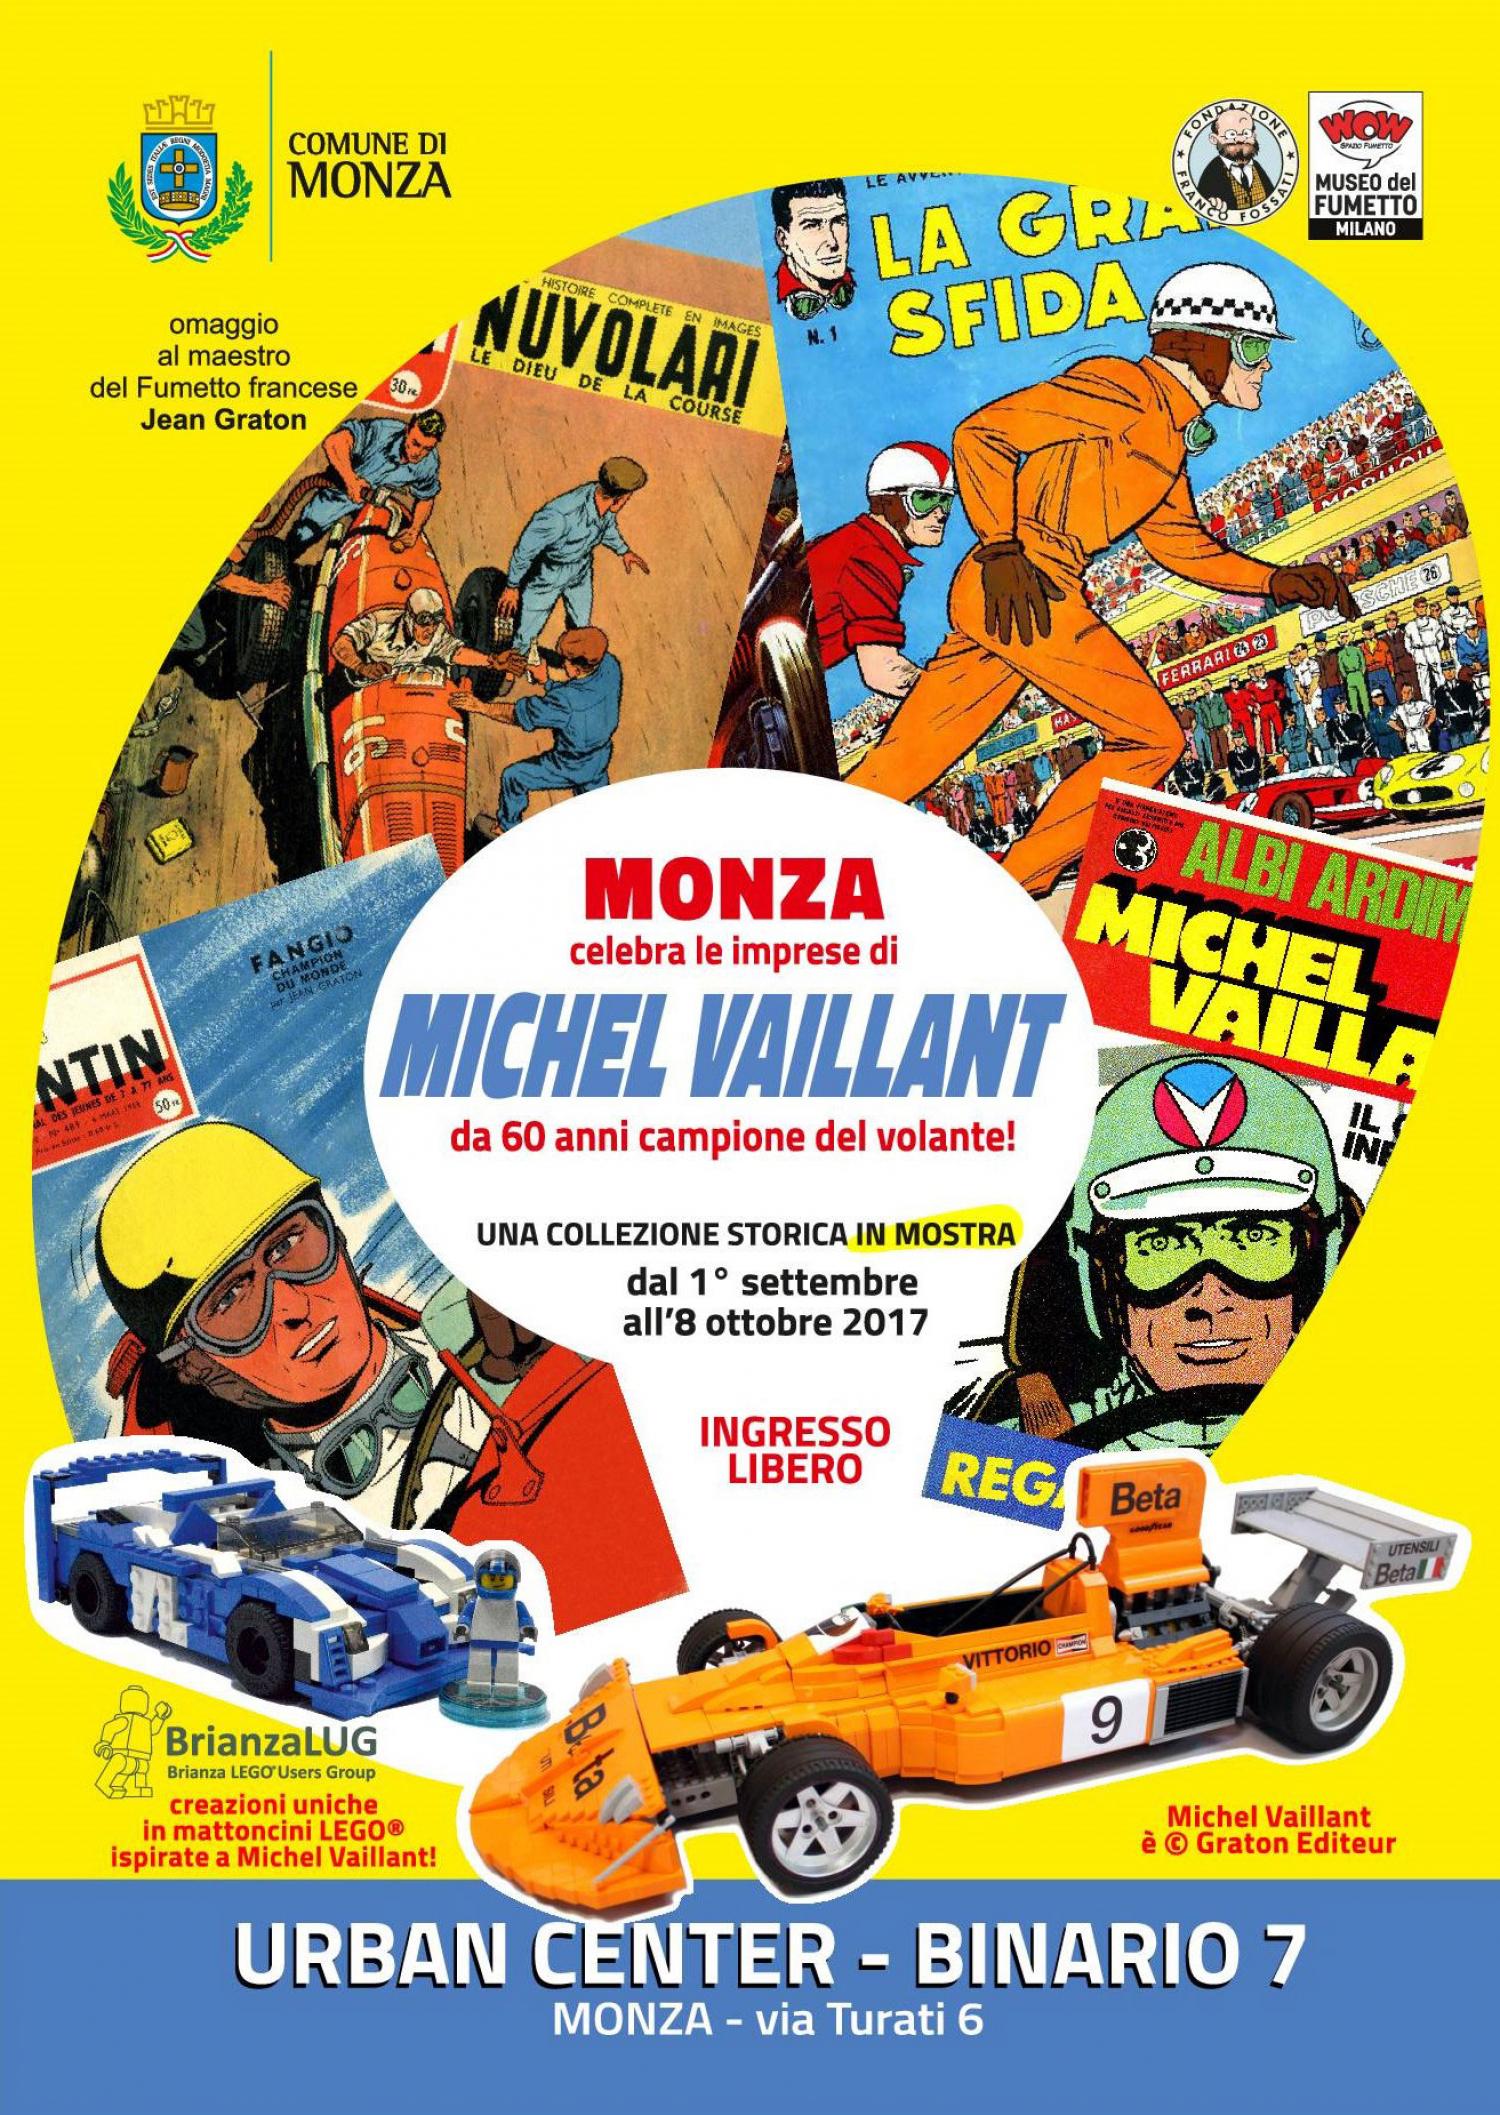 """<p><strong>Come correre in prima persona le corse automobilistiche sui circuiti di tutto il mondo?</strong> Come stare al fianco di un campione a Le Mans, a Indianapolis, a Daytona o, naturalmente, all&#39;autodromo di Monza? <strong>Essere con <a target=""""_blank"""" href=""""http://www.michelvaillant.com/"""">Michel Vaillant</a> nei rally pi&ugrave; entusiasmanti</strong>, pilotare auto eccezionali in F1, F2, F3, <strong>scoprire il mondo delle corse da dietro le quinte</strong>, vedere come nascono vetture da sogno, conoscere la vita dello stuntman, del motociclista, del pilota di motoscafo e del camionista sono esperienze appassionanti. <strong>Dall&#39;arte dell&#39;autore francese <a target=""""_blank"""" href=""""http://www.lfb.it/fff/fumetto/aut/g/graton.htm"""">Jean Graton</a></strong>&nbsp;- scrittore e disegnatore -&nbsp;<strong>&egrave; nato nel 1957 sulle pagine della rivista belga <em>Tintin</em> un&nbsp;protagonista del fumetto mondiale</strong>. L&#39;incredibile realismo dei disegno e l&#39;abilit&agrave; narrativa di Graton hanno determinato 60 anni di successo del personaggio. <strong>La mostra-omaggio della <a target=""""_blank"""" href=""""http://www.comune.monza.it/it/eventi/?id=2779"""">citt&agrave; di Monza</a></strong>&nbsp;offre un percorso inedito, che oltre a esporre pezzi della Fondazione Franco Fossati viene arricchito dalle creazioni uniche in<strong> mattoncini LEGO</strong> realizzate dagli artisti di<strong> <a target=""""_blank"""" href=""""http://www.brianzalug.it/"""">BrianzaLUG</a></strong>. &nbsp; <strong>Jean Graton</strong> L&rsquo;autore francese Jean Graton (Nantes, 10 agosto 1923) si forma in Belgio alla grande scuola dei settimanali per ragazzi <em>Spirou</em> e <em>Tintin</em>. Su quest&rsquo;ultimo pubblica racconti brevi a fumetti di ambiente sportivo: ha nel cuore il progetto di un nuovo personaggio, un pilota automobilistico, e ne delinea le caratteristiche in racconti brevi di prova. Michel Vaillant nasce cos&igrave; ufficialmente il 7 febbraio 1957 sulle pagine"""